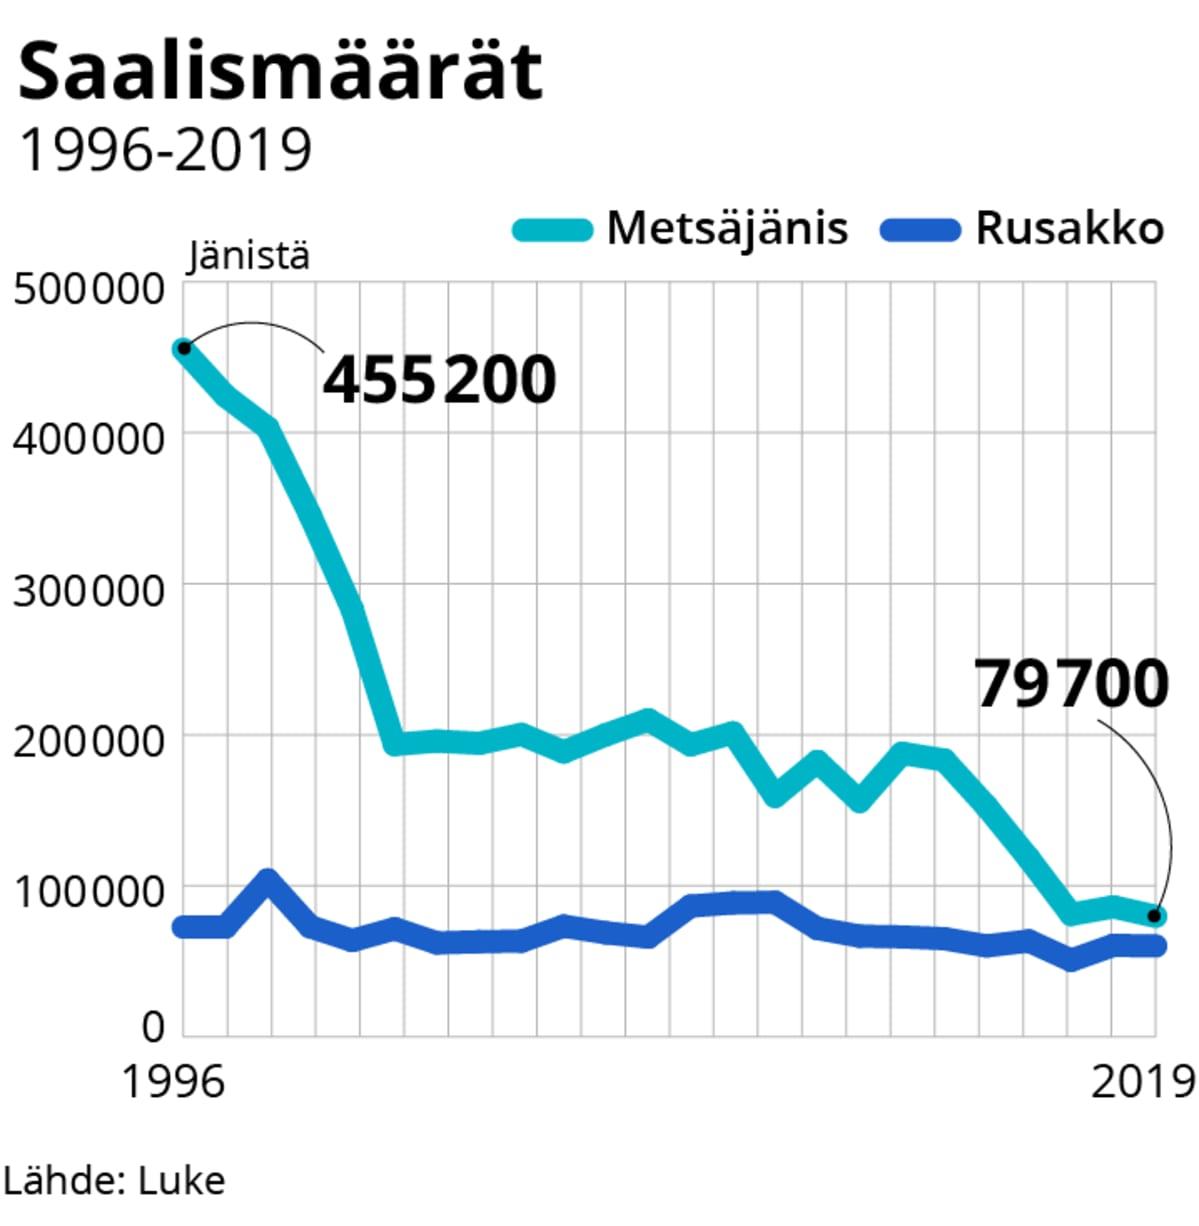 Jänissaaliit vuosina 1996-2019